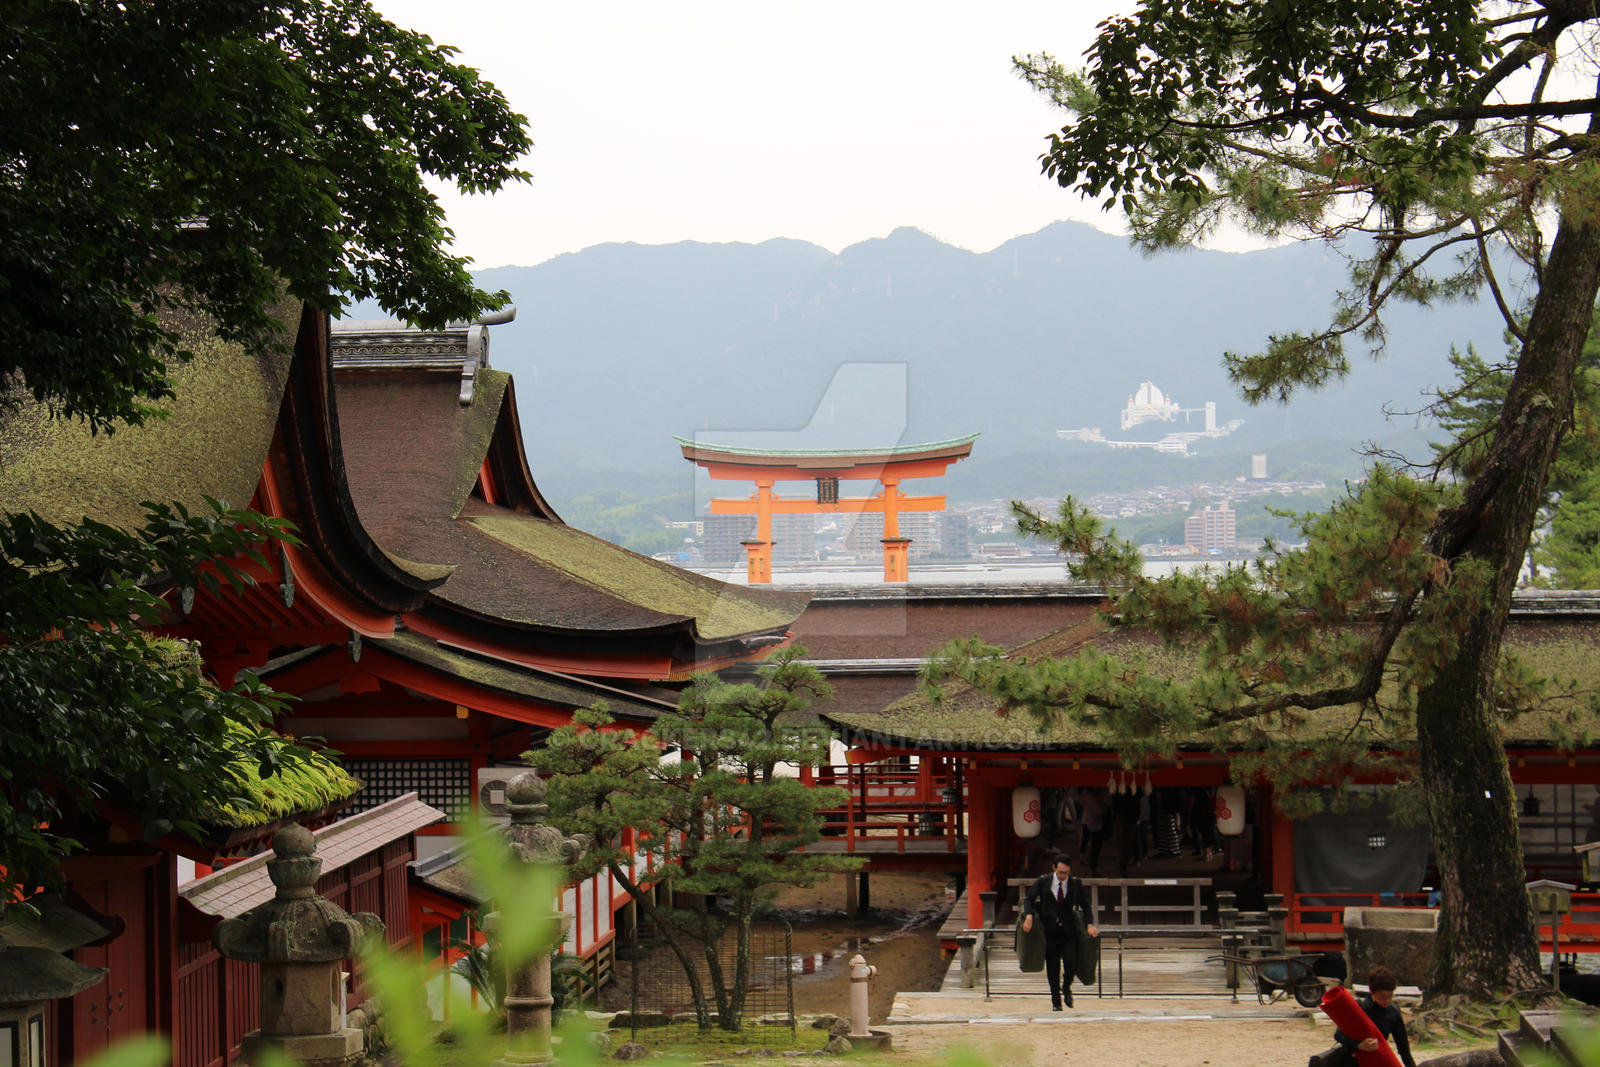 Itsukushima Shrine - Miyajima Island, Japan by Crackers42 on DeviantArt